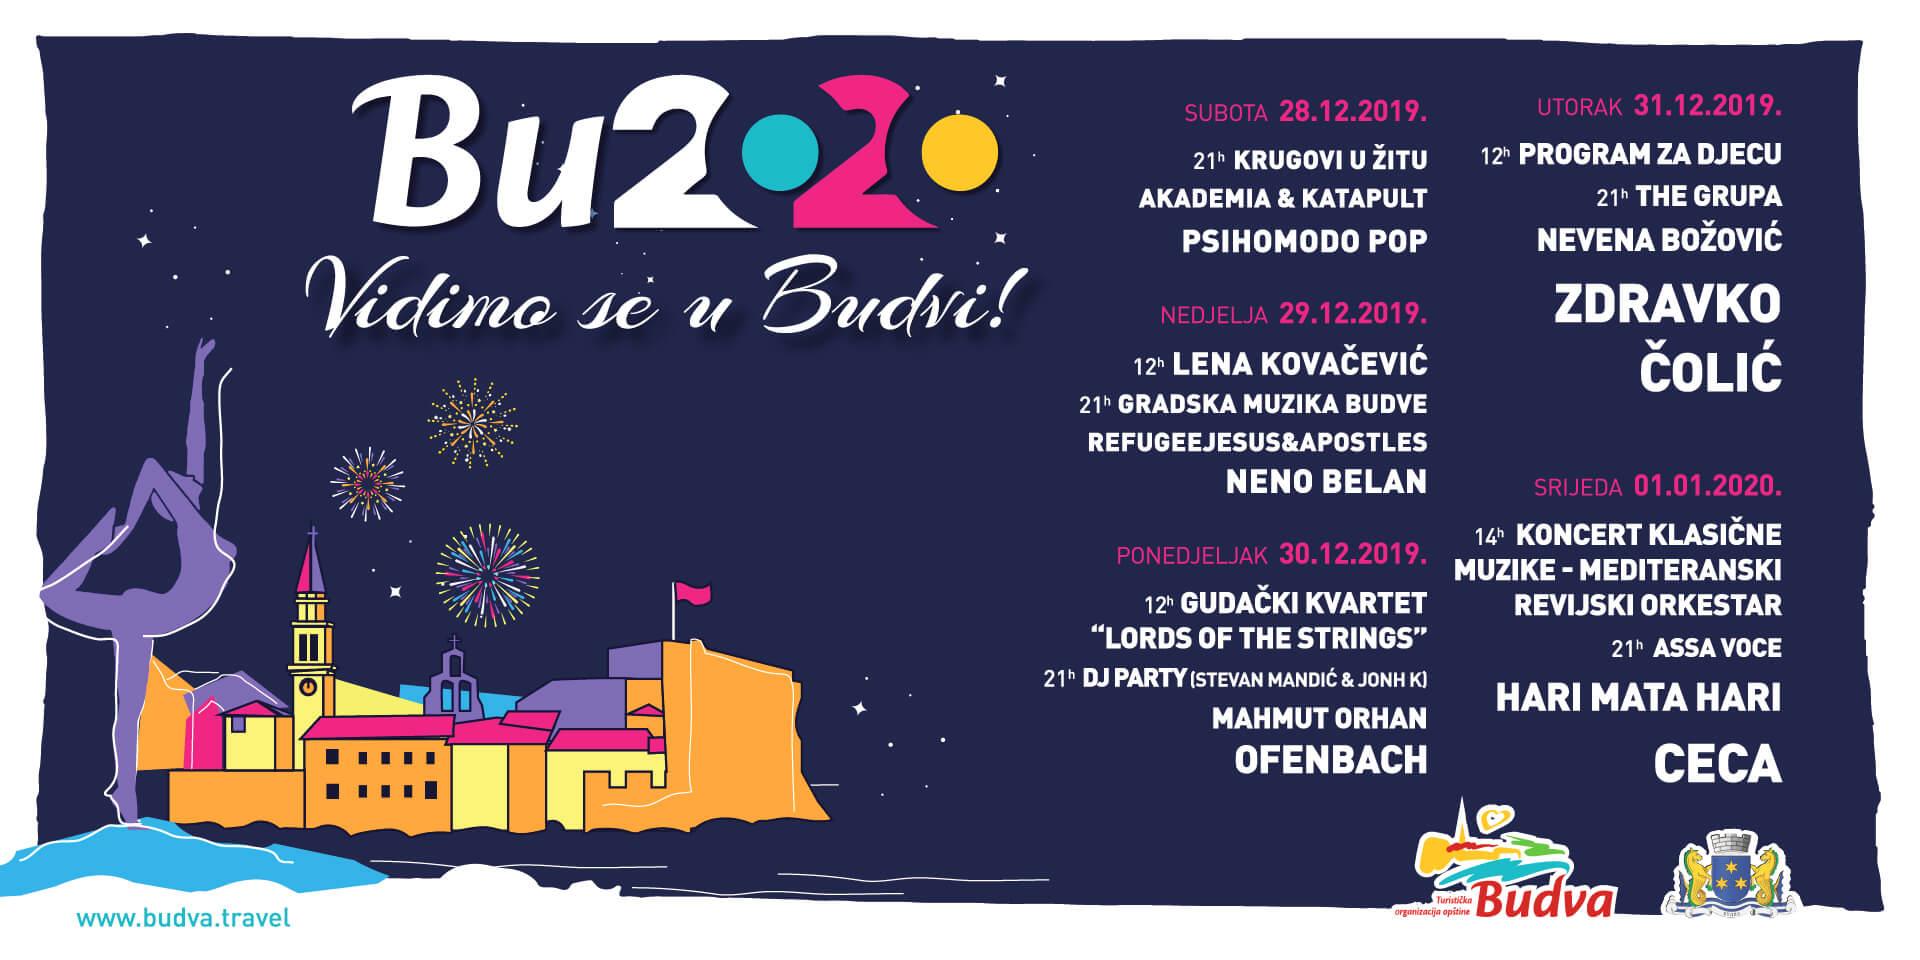 budva-apartments budva-Montenegro budva-marina budva-registration-fee budva-events